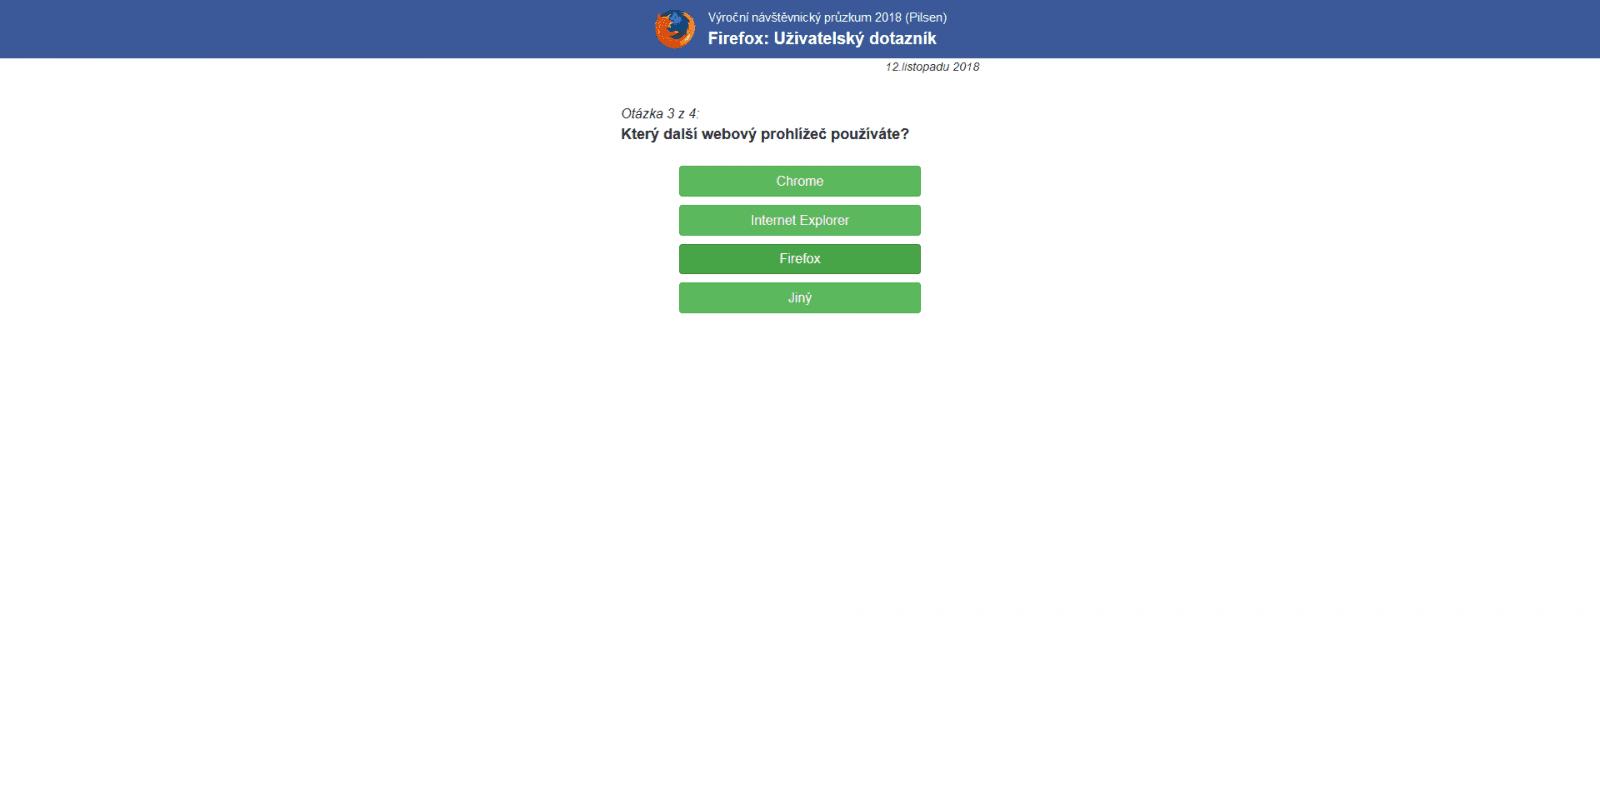 Podvodný formulář: vyhraj iPhone